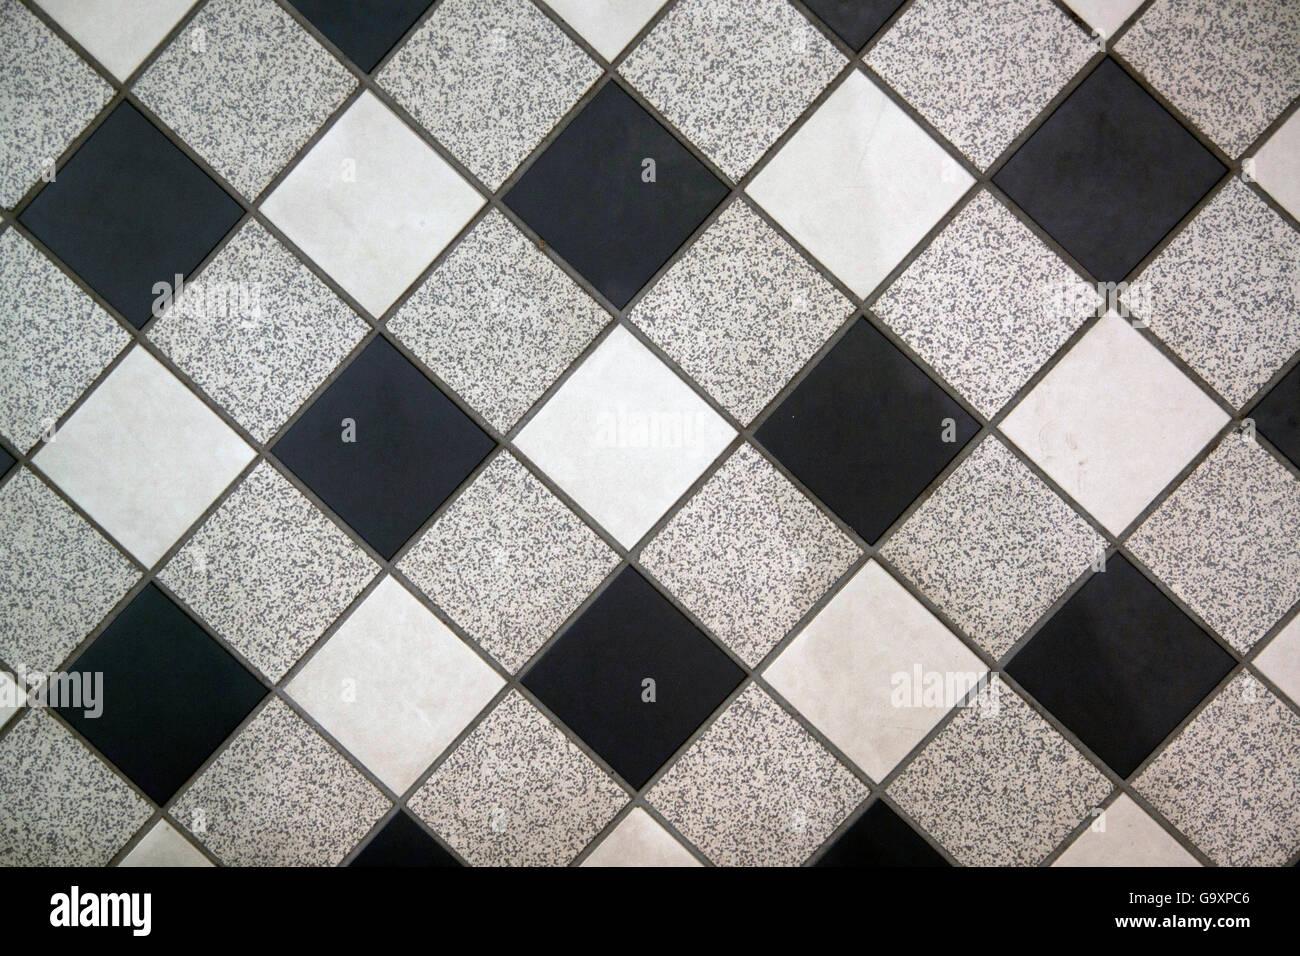 Bianco nero e grigio a scacchi in piastrelle per pavimento